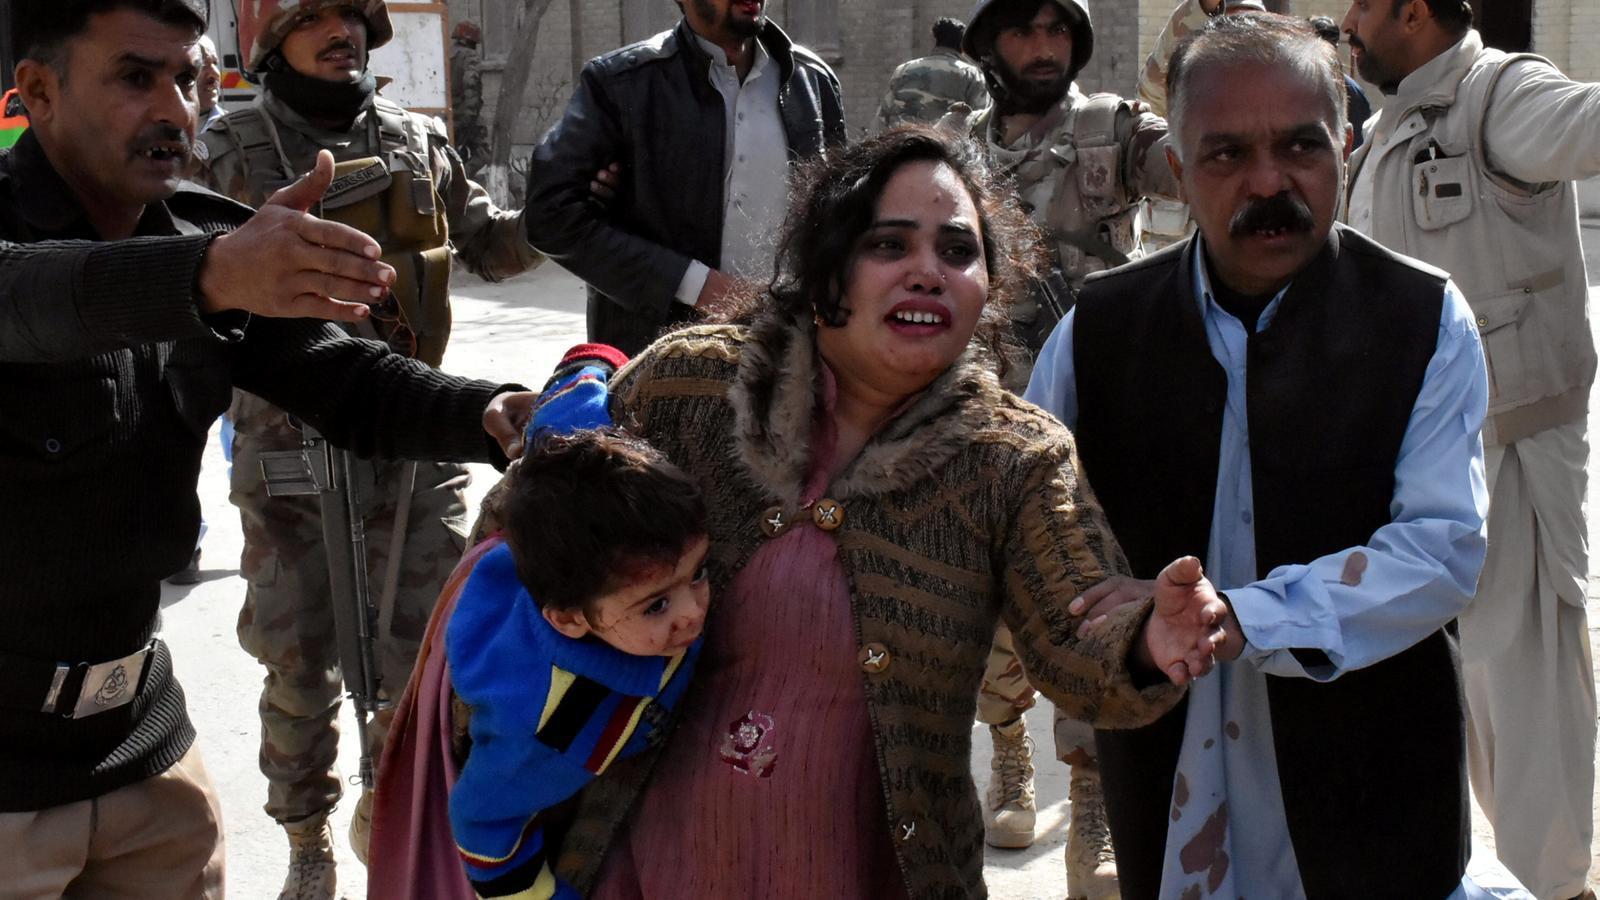 Un policia pakistanès guia una familia lluny de l'esglèsia on s'ha produït el tiroteig